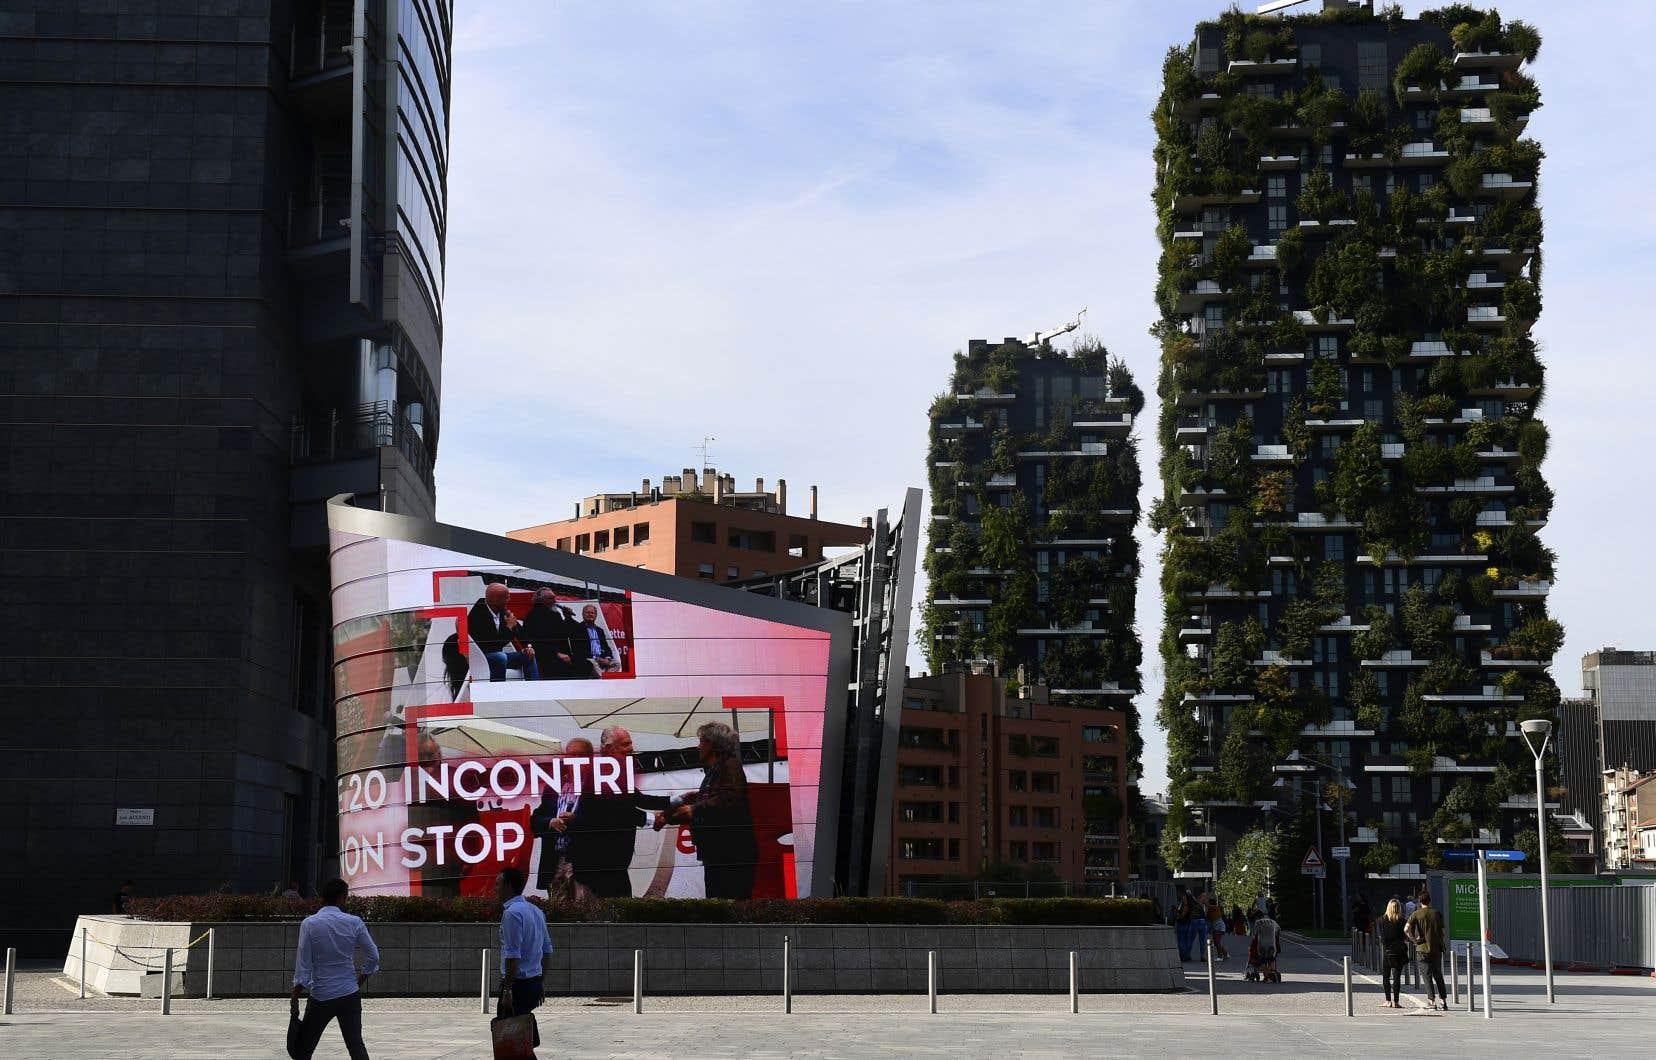 Le complexe architectural Bosco Verticale («Forêt verticale») dans la région de Porta Nuova à Milan.